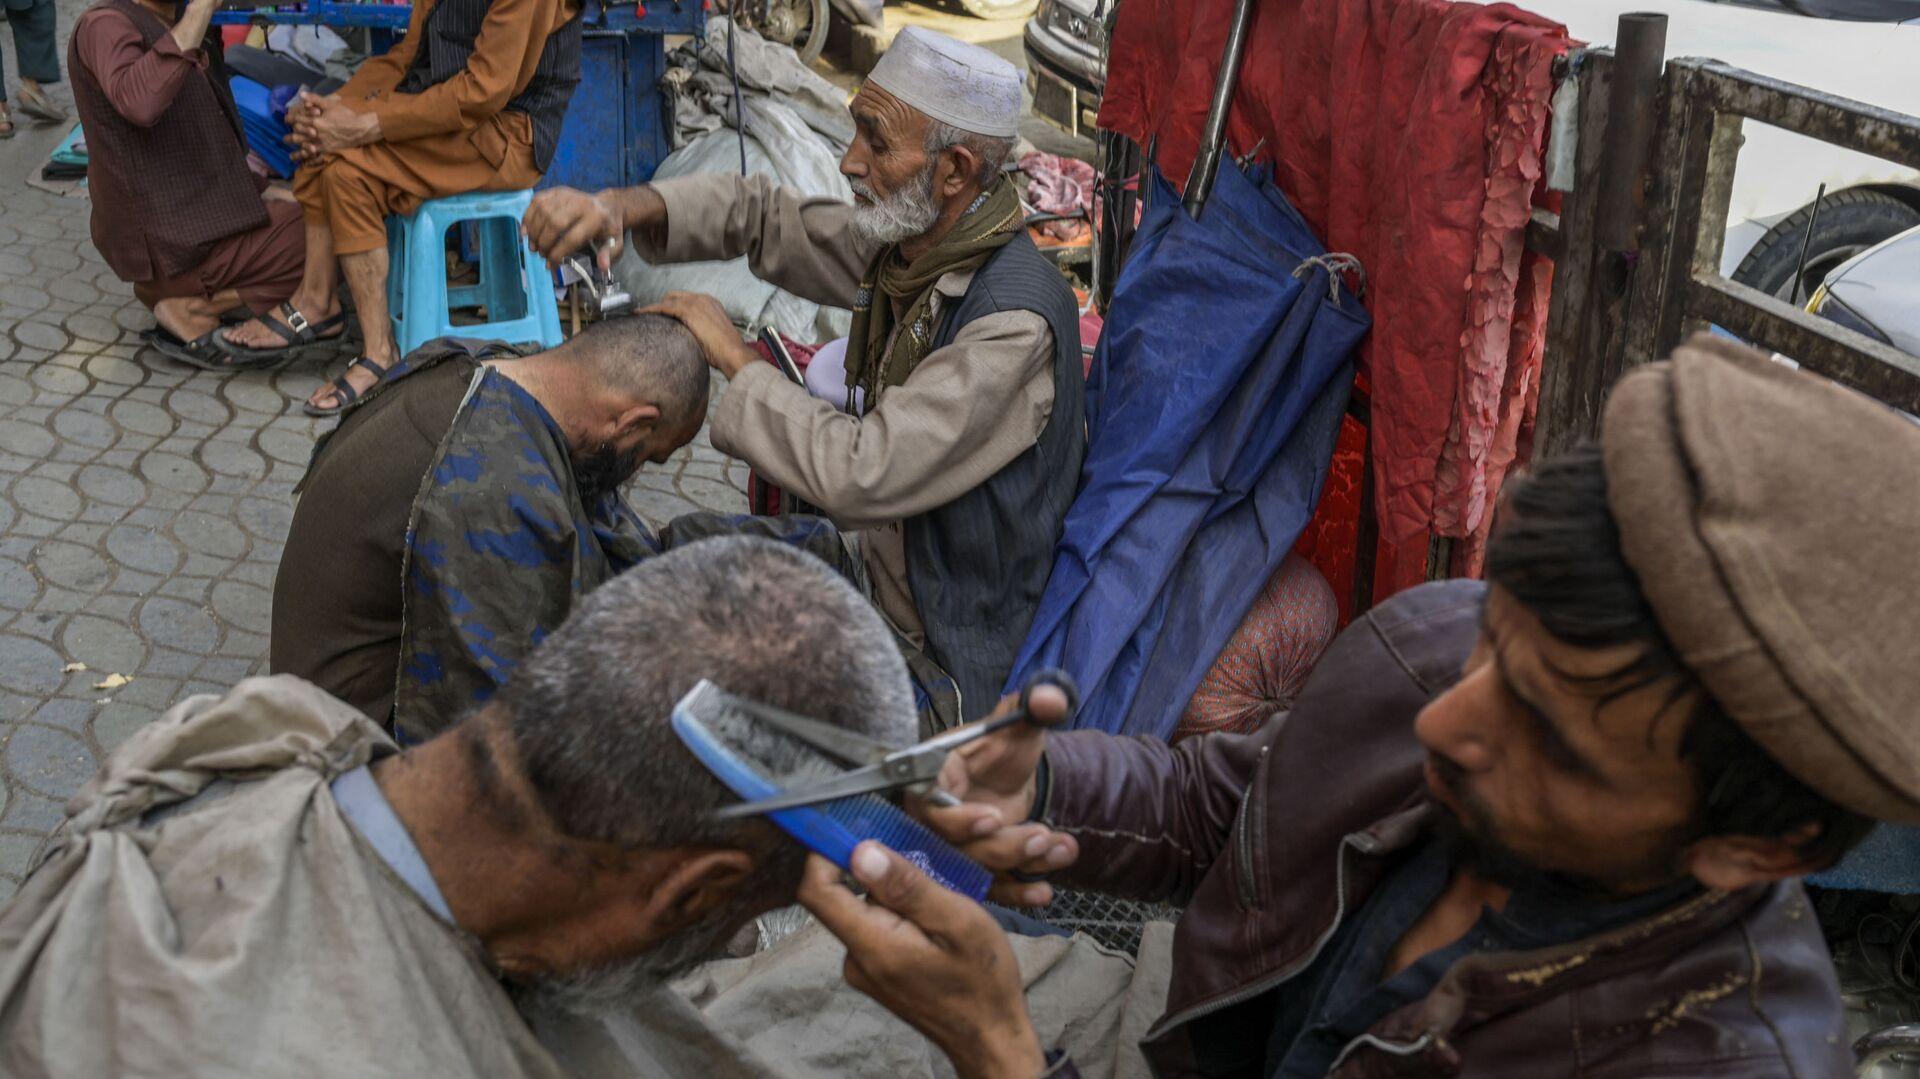 Уличные барберы с клиентами в Кабуле - Sputnik Тоҷикистон, 1920, 28.09.2021